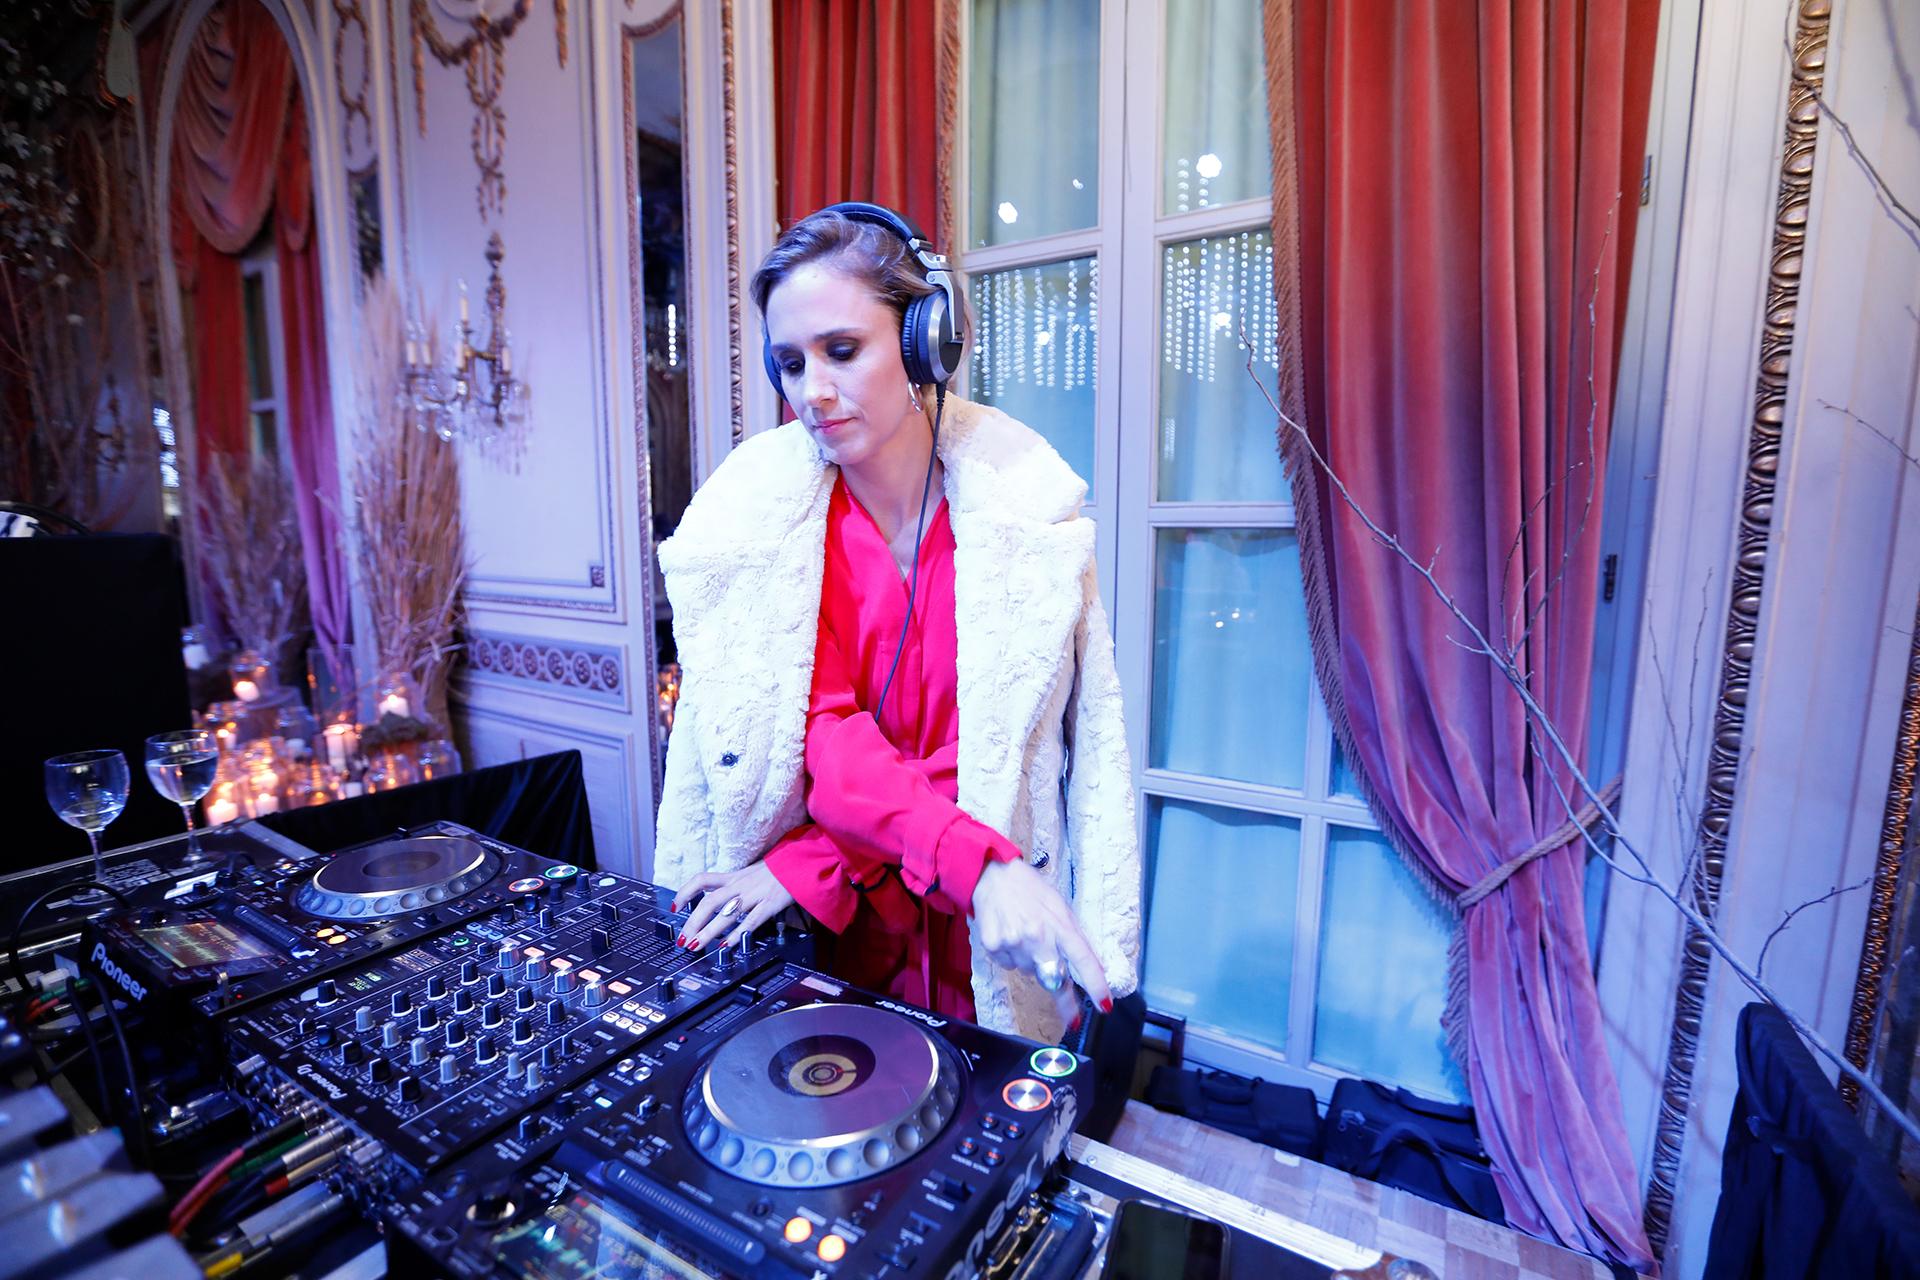 La musicalización estuvo a cargo de Soledad Rodríguez Zubieta